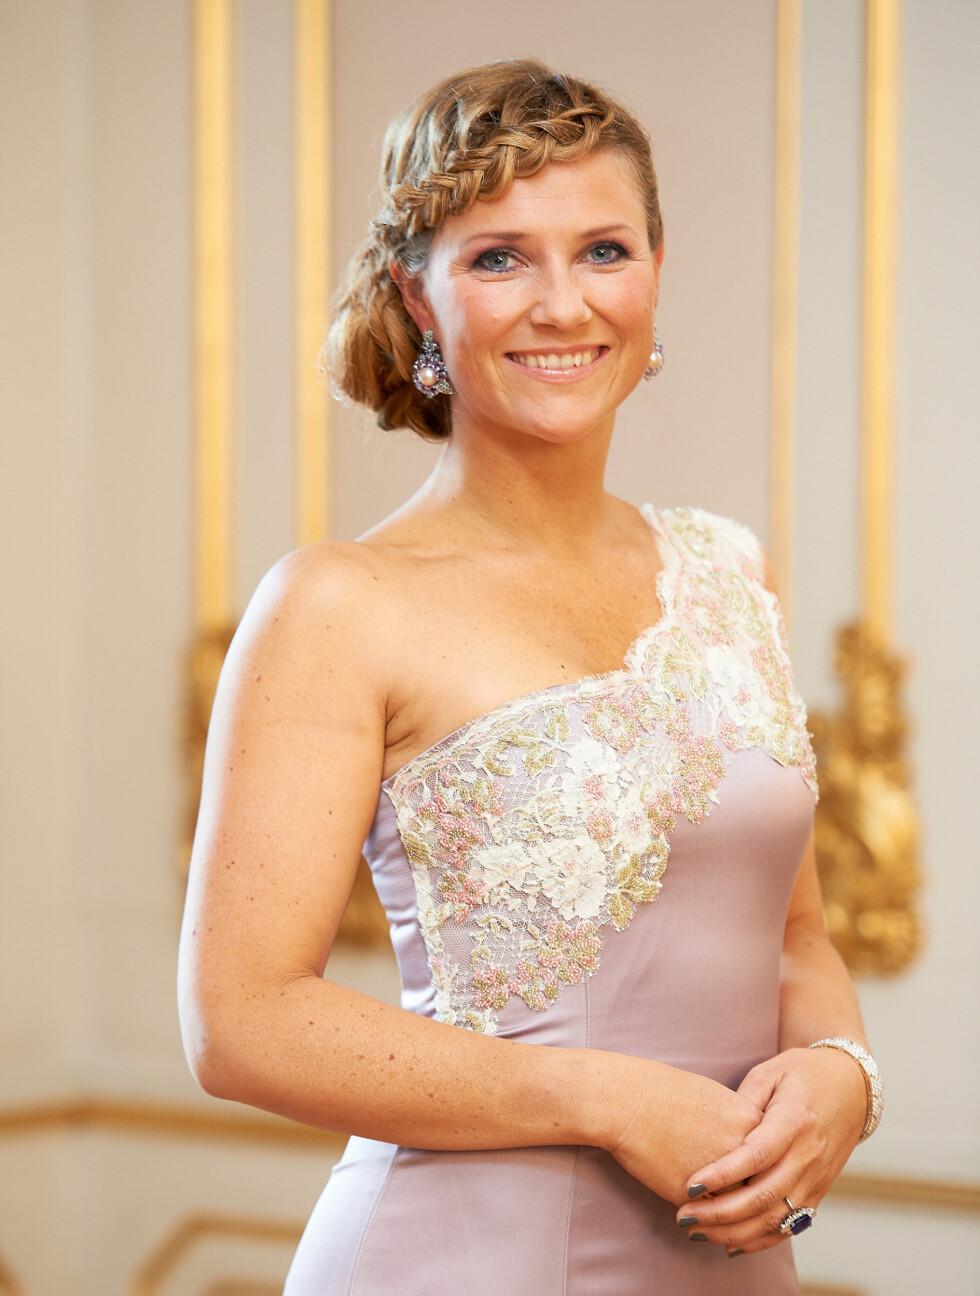 FLOTT: Prinsesse Märtha Louise har fått mye skryt for sin stil hjemme i Norge. I Sverige mener folket hun er verst kledd. Foto: Stella Pictures